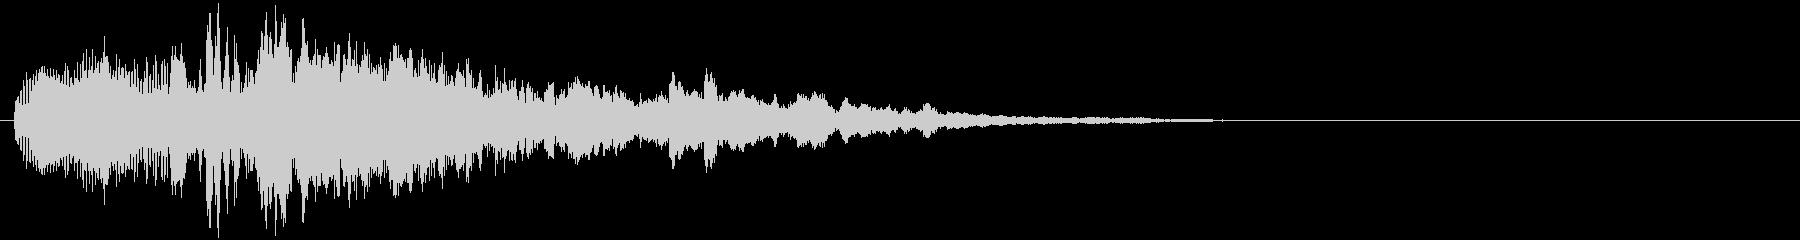 起動音3の未再生の波形